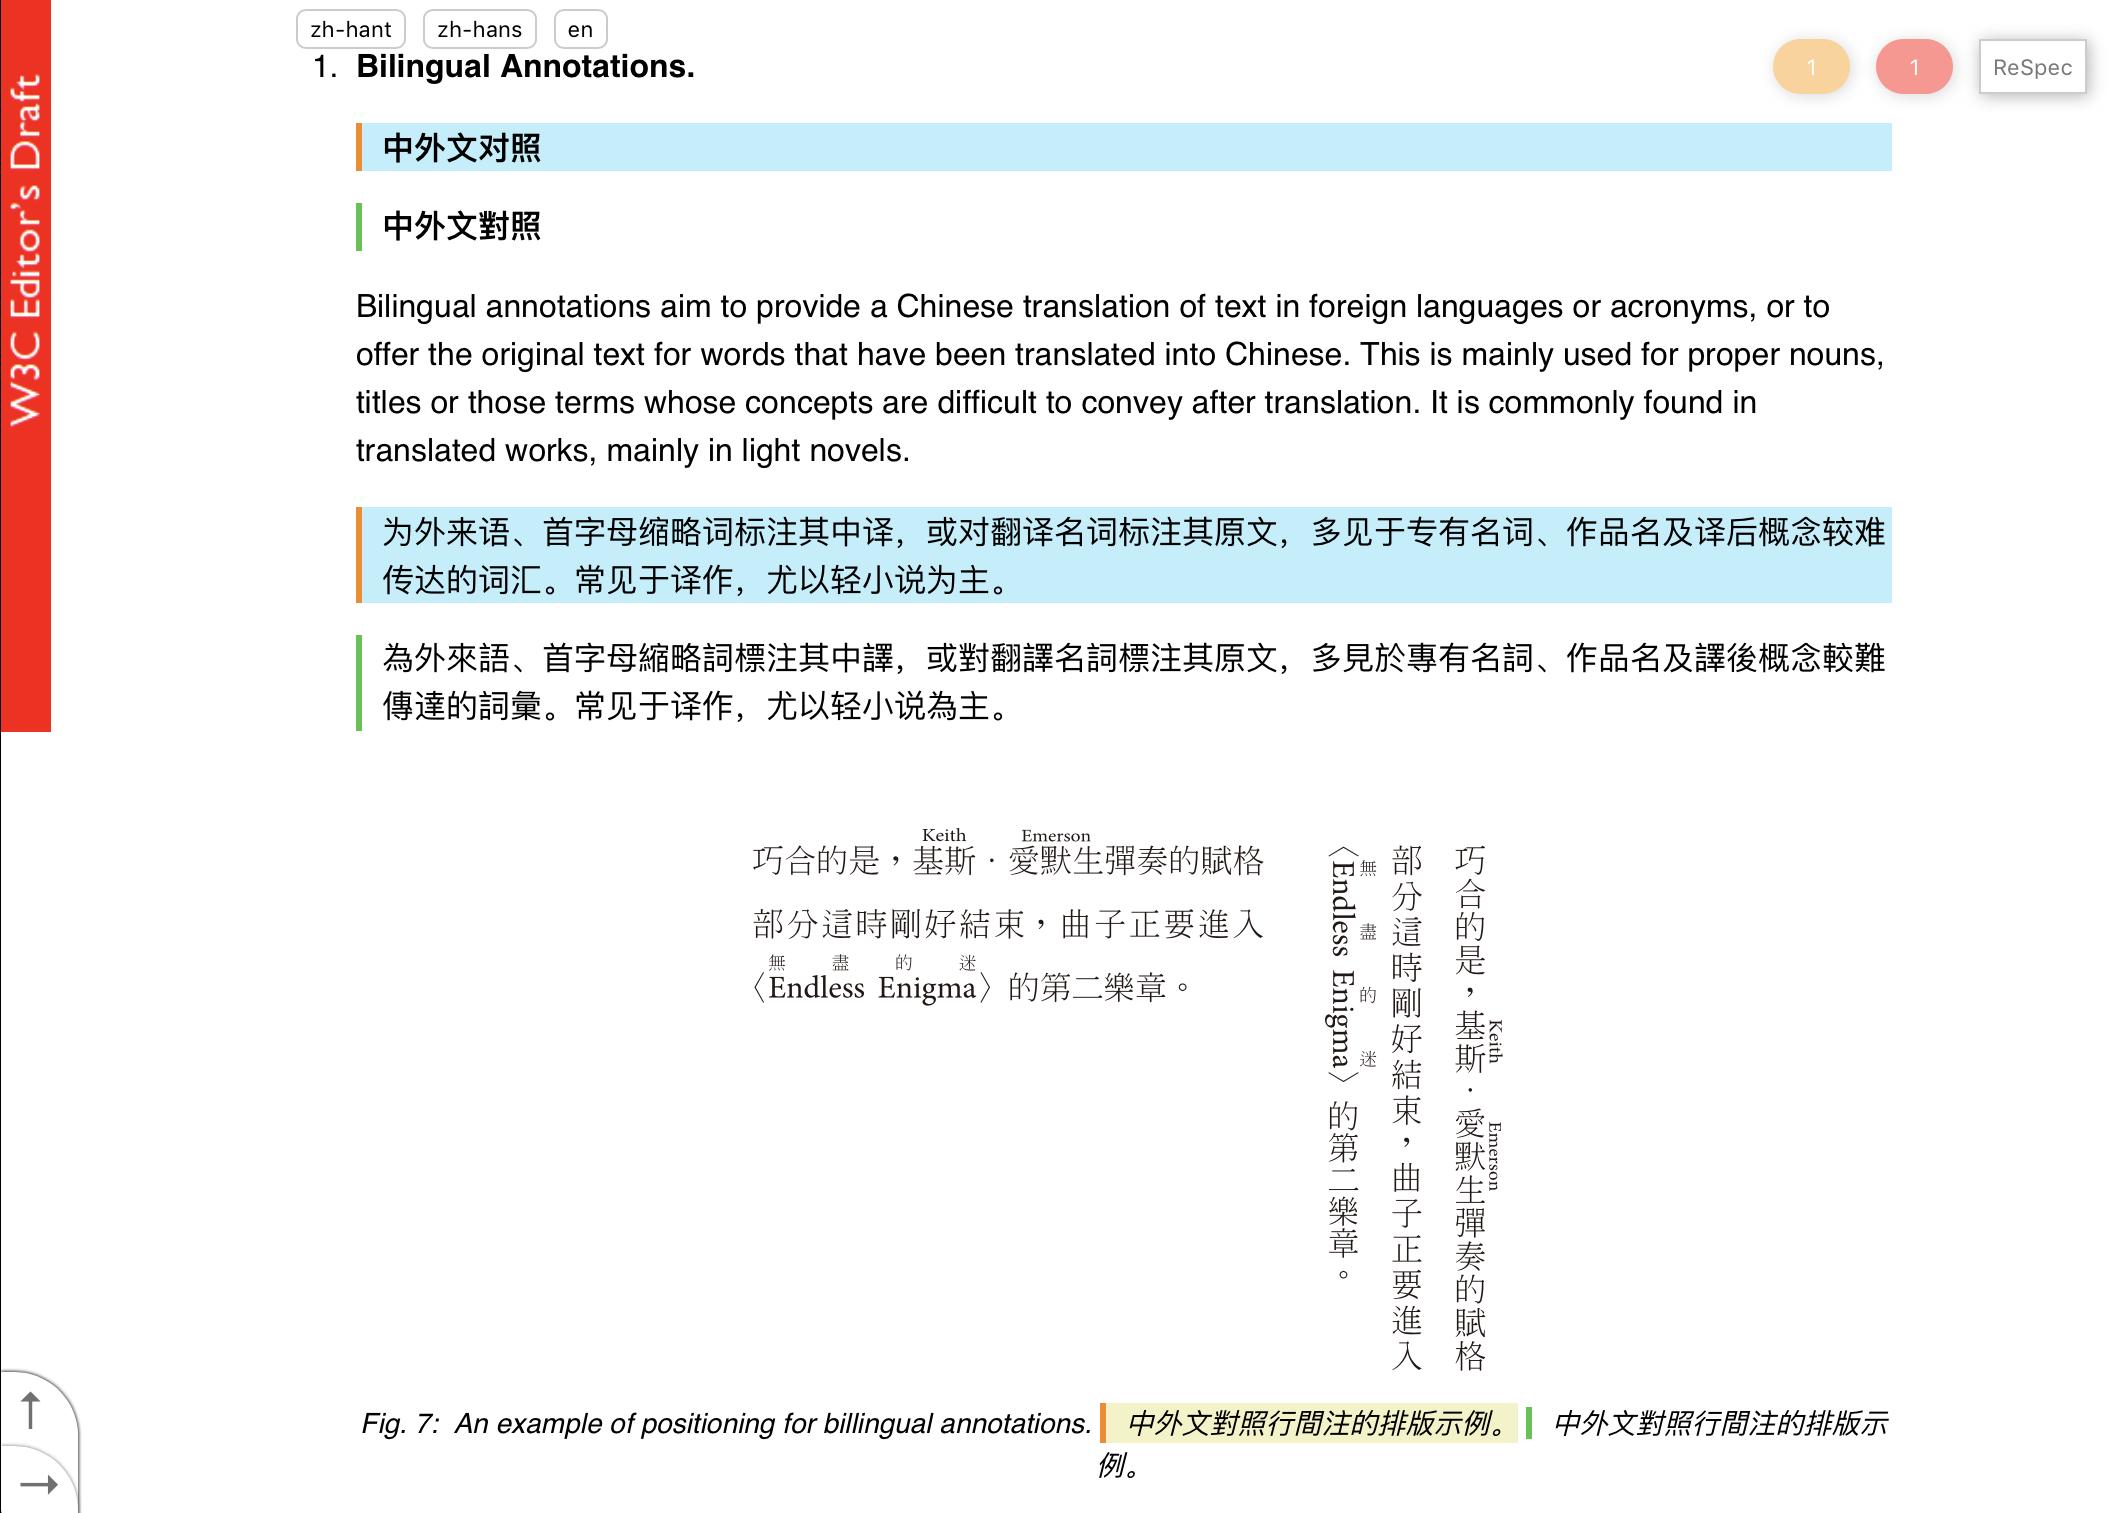 《中文排版需求》